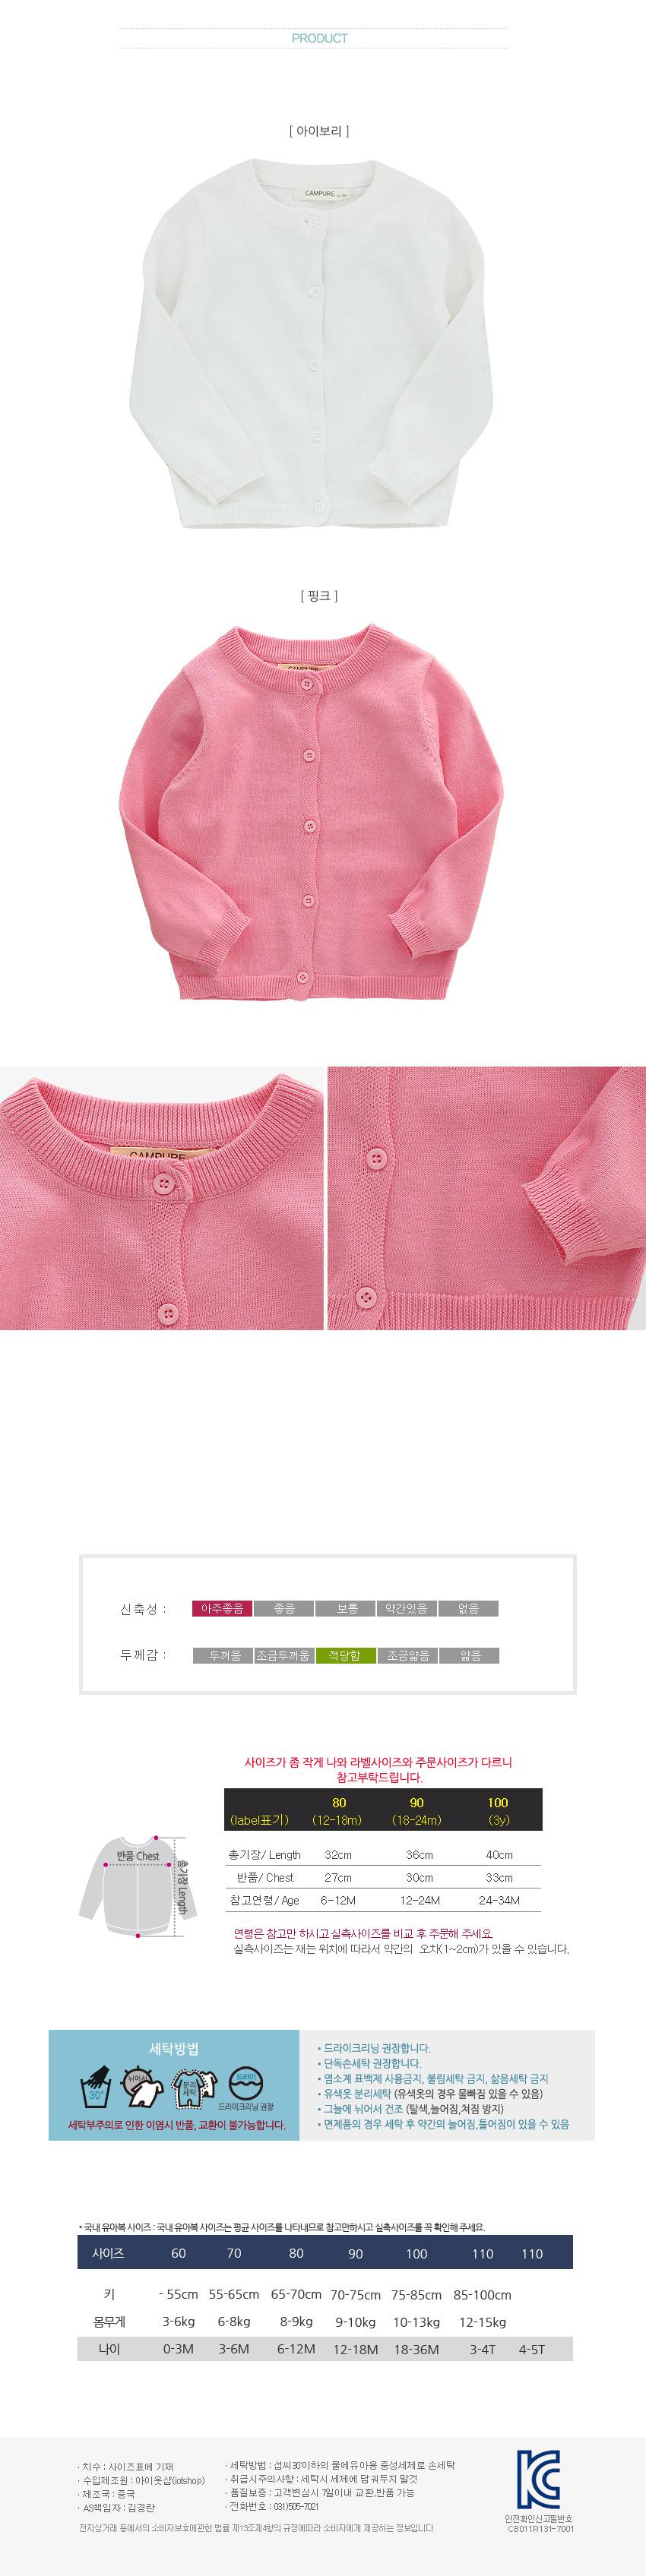 [ BABYMAX ] [ BABYMAX ]张文慈针织开衫 C032